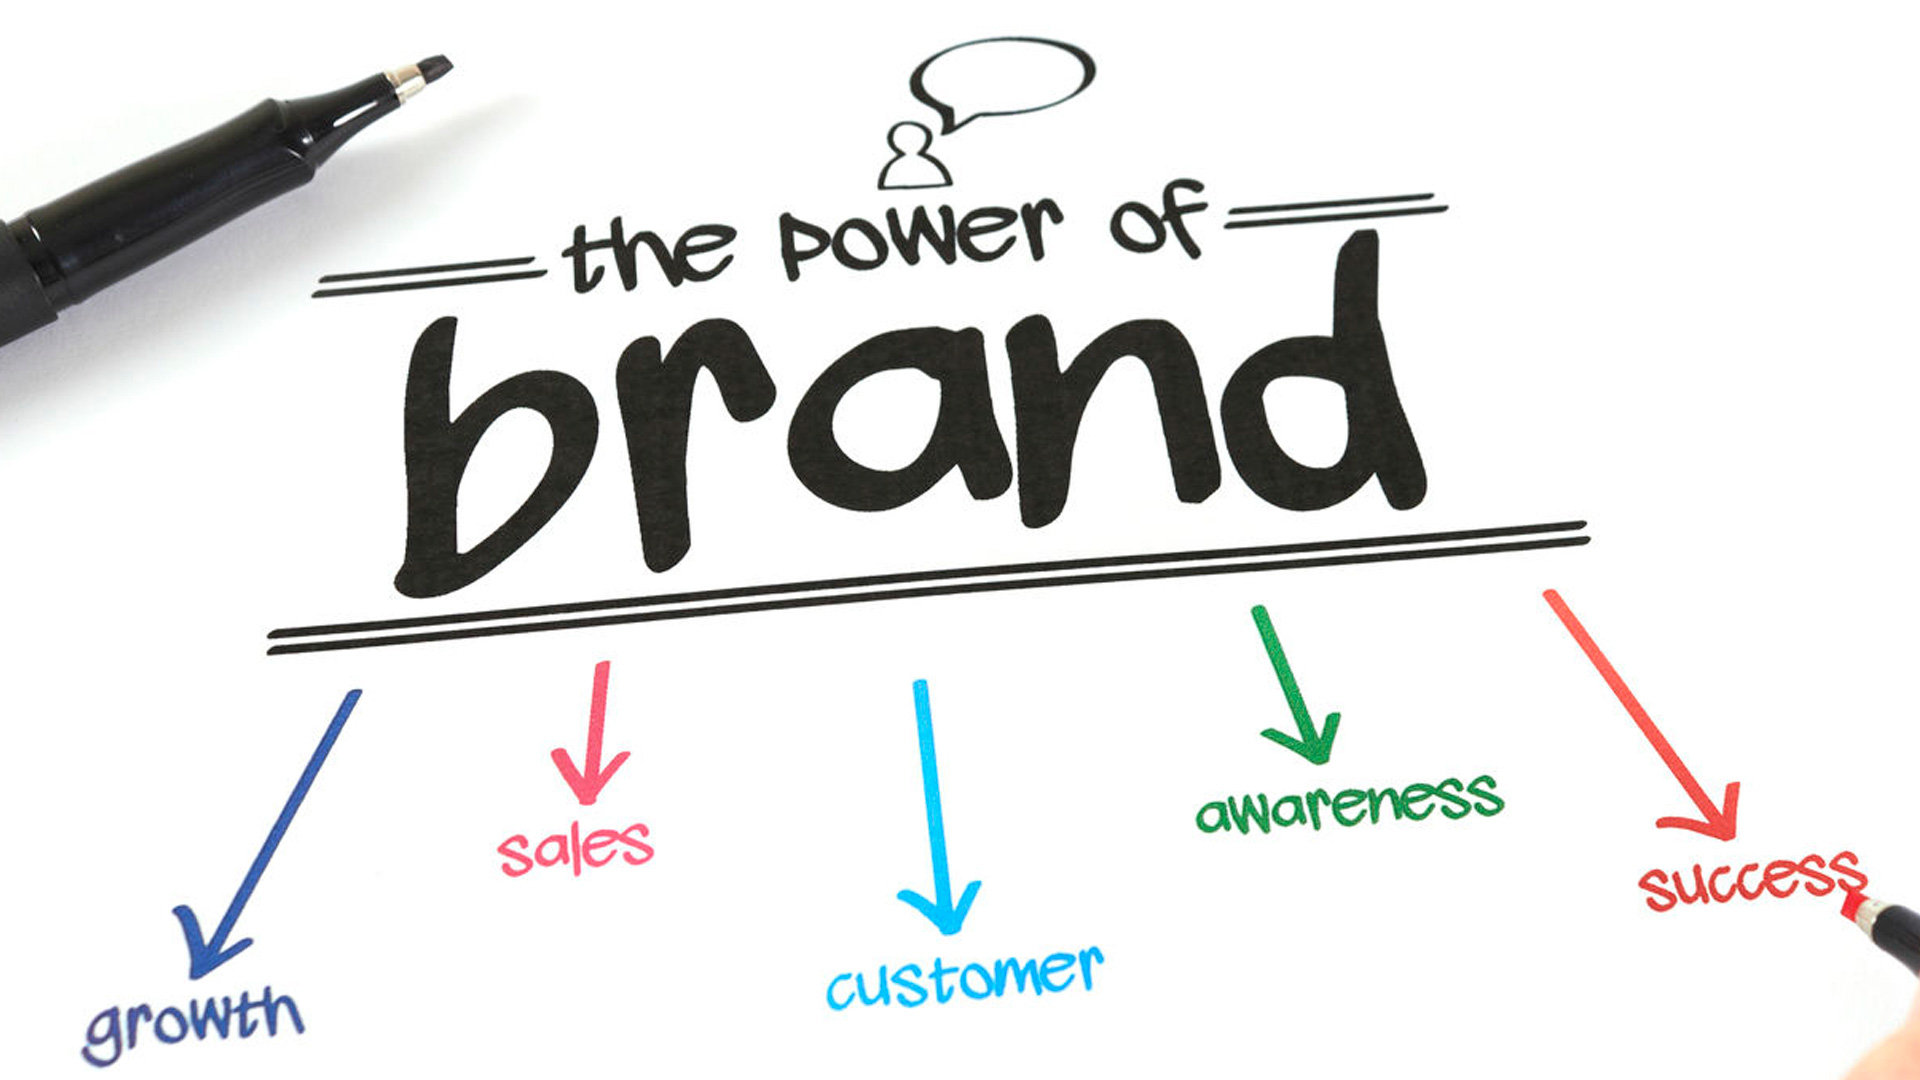 <p>En esta Masterclass&nbsp;<strong>&iquest;Tienes una buena marca?</strong>,&nbsp;impartida por Brendan Maloney y Andr&eacute;s L&oacute;pez, tendr&aacute;s la oportunidad de escuchar una conversaci&oacute;n con un dise&ntilde;ador experto para averiguar si tienes una <strong>buena marca</strong> y poder aprender c&oacute;mo potenciar la <strong>marca</strong> de tu cl&iacute;nica dental.<br /> <br /> Una marca es lo que primero percibe el paciente cuando no te conoce. Es importante saber lo que est&aacute;s transmitiendo a ese paciente con tu marca, por ello es importante tener una <strong>buena marca</strong> en la cl&iacute;nica dental. Gracias a esta Masterclass, <strong>&iquest;Tienes una buena marca?</strong>, podr&aacute;s aprender a crear una <strong>buena marca</strong> en tu cl&iacute;nica dental y gestionarla de manera adecuada. En definitiva, esta Masterclass te dar&aacute; las claves necesarias para destacar a trav&eacute;s de la <strong>marca</strong> de tu cl&iacute;nica ante tus competidores, como base para el crecimiento de los ingresos en la cl&iacute;nica.<br /> <br /> Todas nuestras Masterclass est&aacute;n impartidas por los mayores expertos en gesti&oacute;n de cl&iacute;nicas. Gracias a nuestra Masterclass <strong>&iquest;Tienes una buena marca</strong> y otras como esta, que forman parte de la serie <strong>Ventajas competitivas para cl&iacute;nicas dentales</strong>, podr&aacute;s desarrollar y actualizar tus conocimientos sobre un modelo de gesti&oacute;n operativo que sirva de base para organizar la producci&oacute;n, la atenci&oacute;n al paciente, la estrategia de comunicaci&oacute;n y marketing y la estructura econ&oacute;mico financiera. Esta Sesi&oacute;n permite a los responsables de la cl&iacute;nica entender la importancia y utilidad de crear una <strong>satisfacci&oacute;n de pacientes</strong> y dise&ntilde;ar estrategias para potenciarla, alcanzando una formaci&oacute;n avanzada y permiti&eacute;ndote profundizar en la <strong>